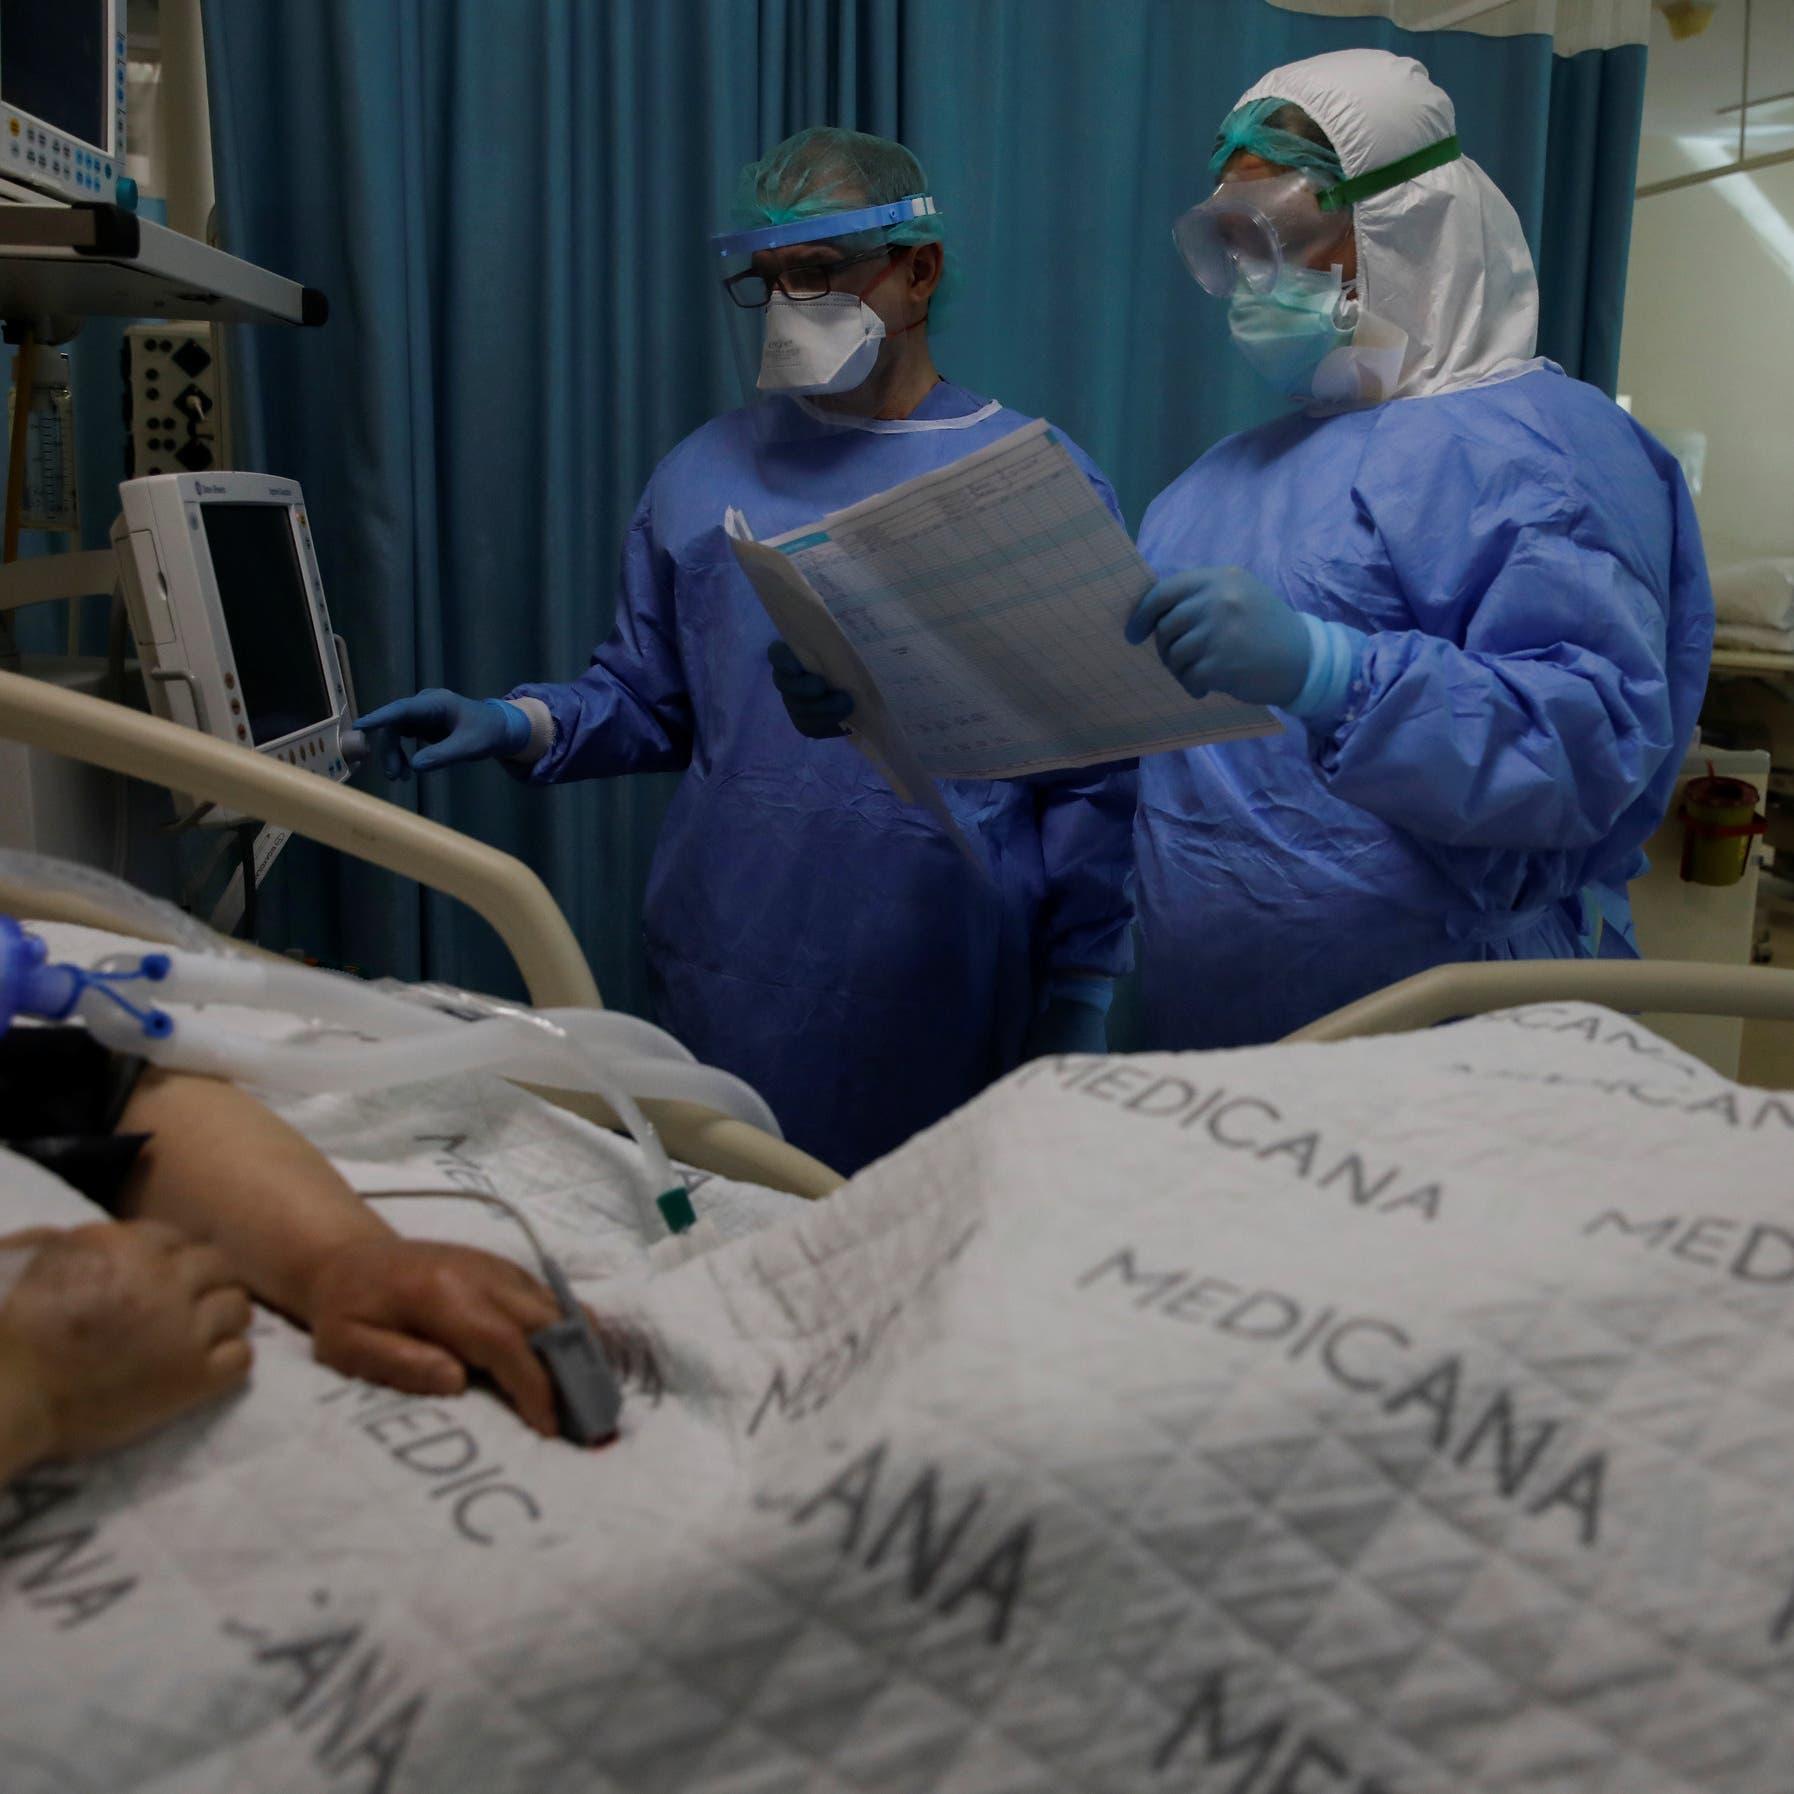 أطباء إسطنبول: الوباء انتقل من المدينة لجميع مناطق الأناضول